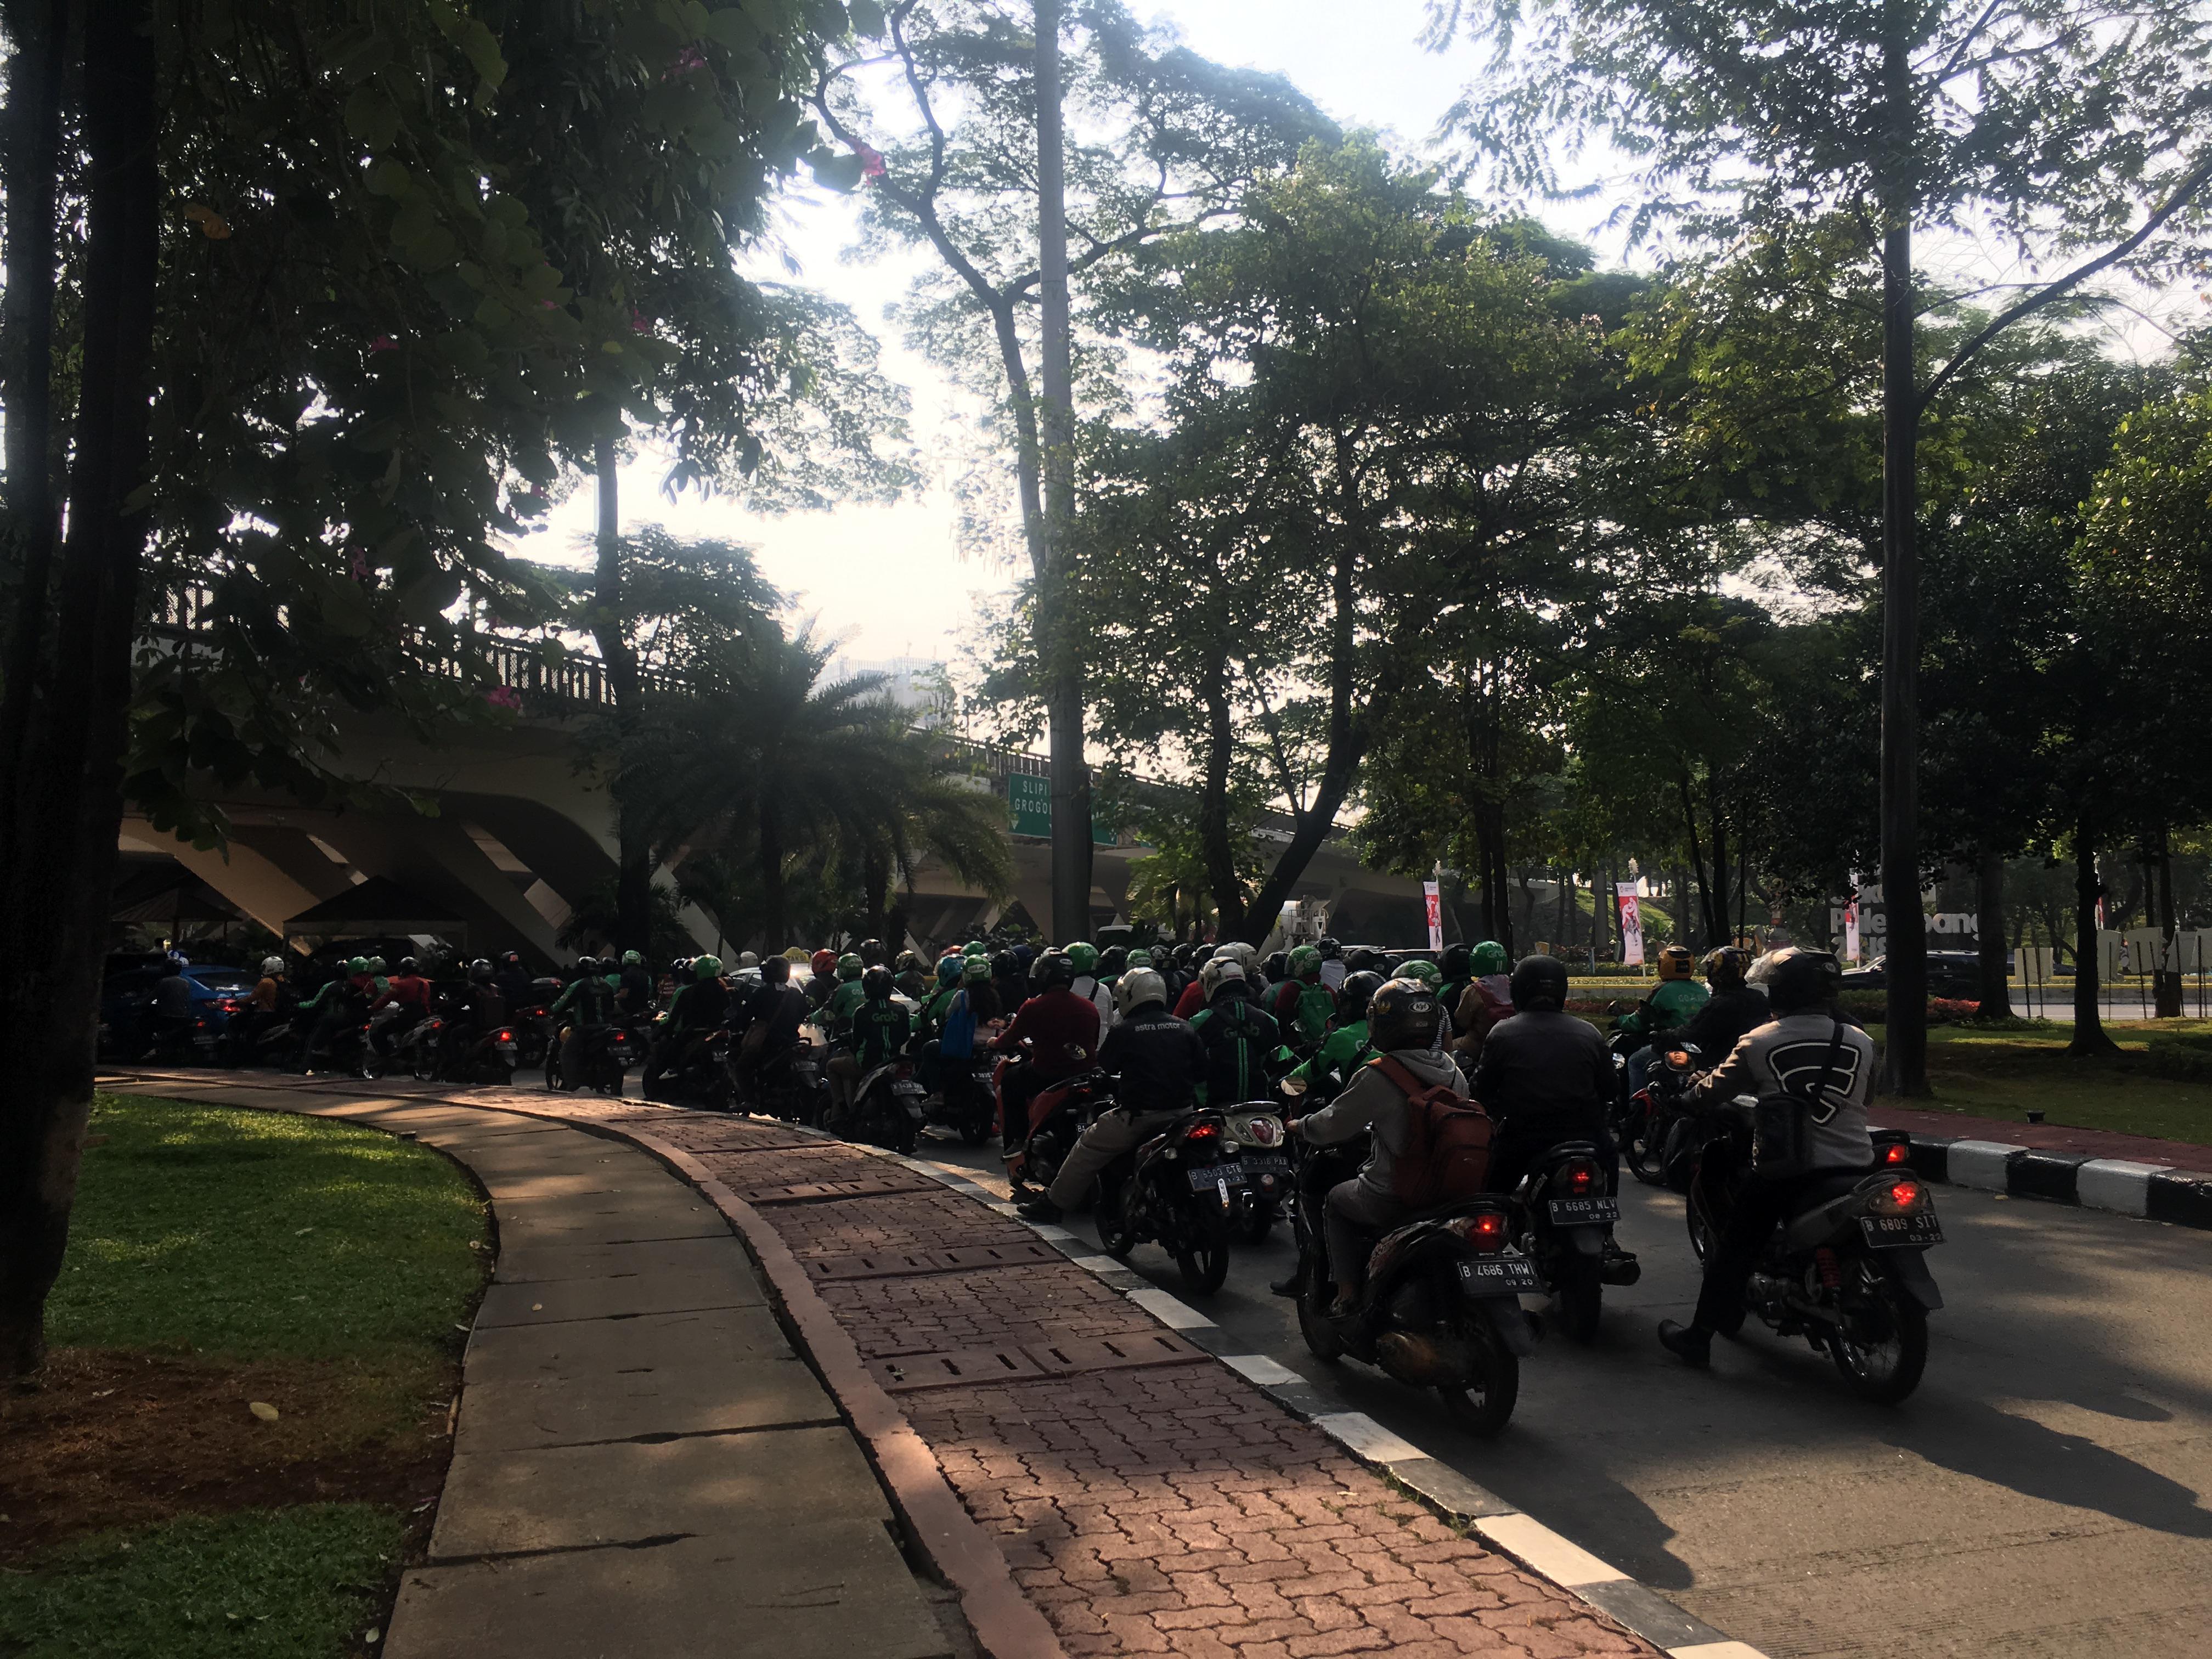 魔幻现实雅加达:总统带头开摩托飙车,面子工程治理臭水沟,的哥海关专讹中国人